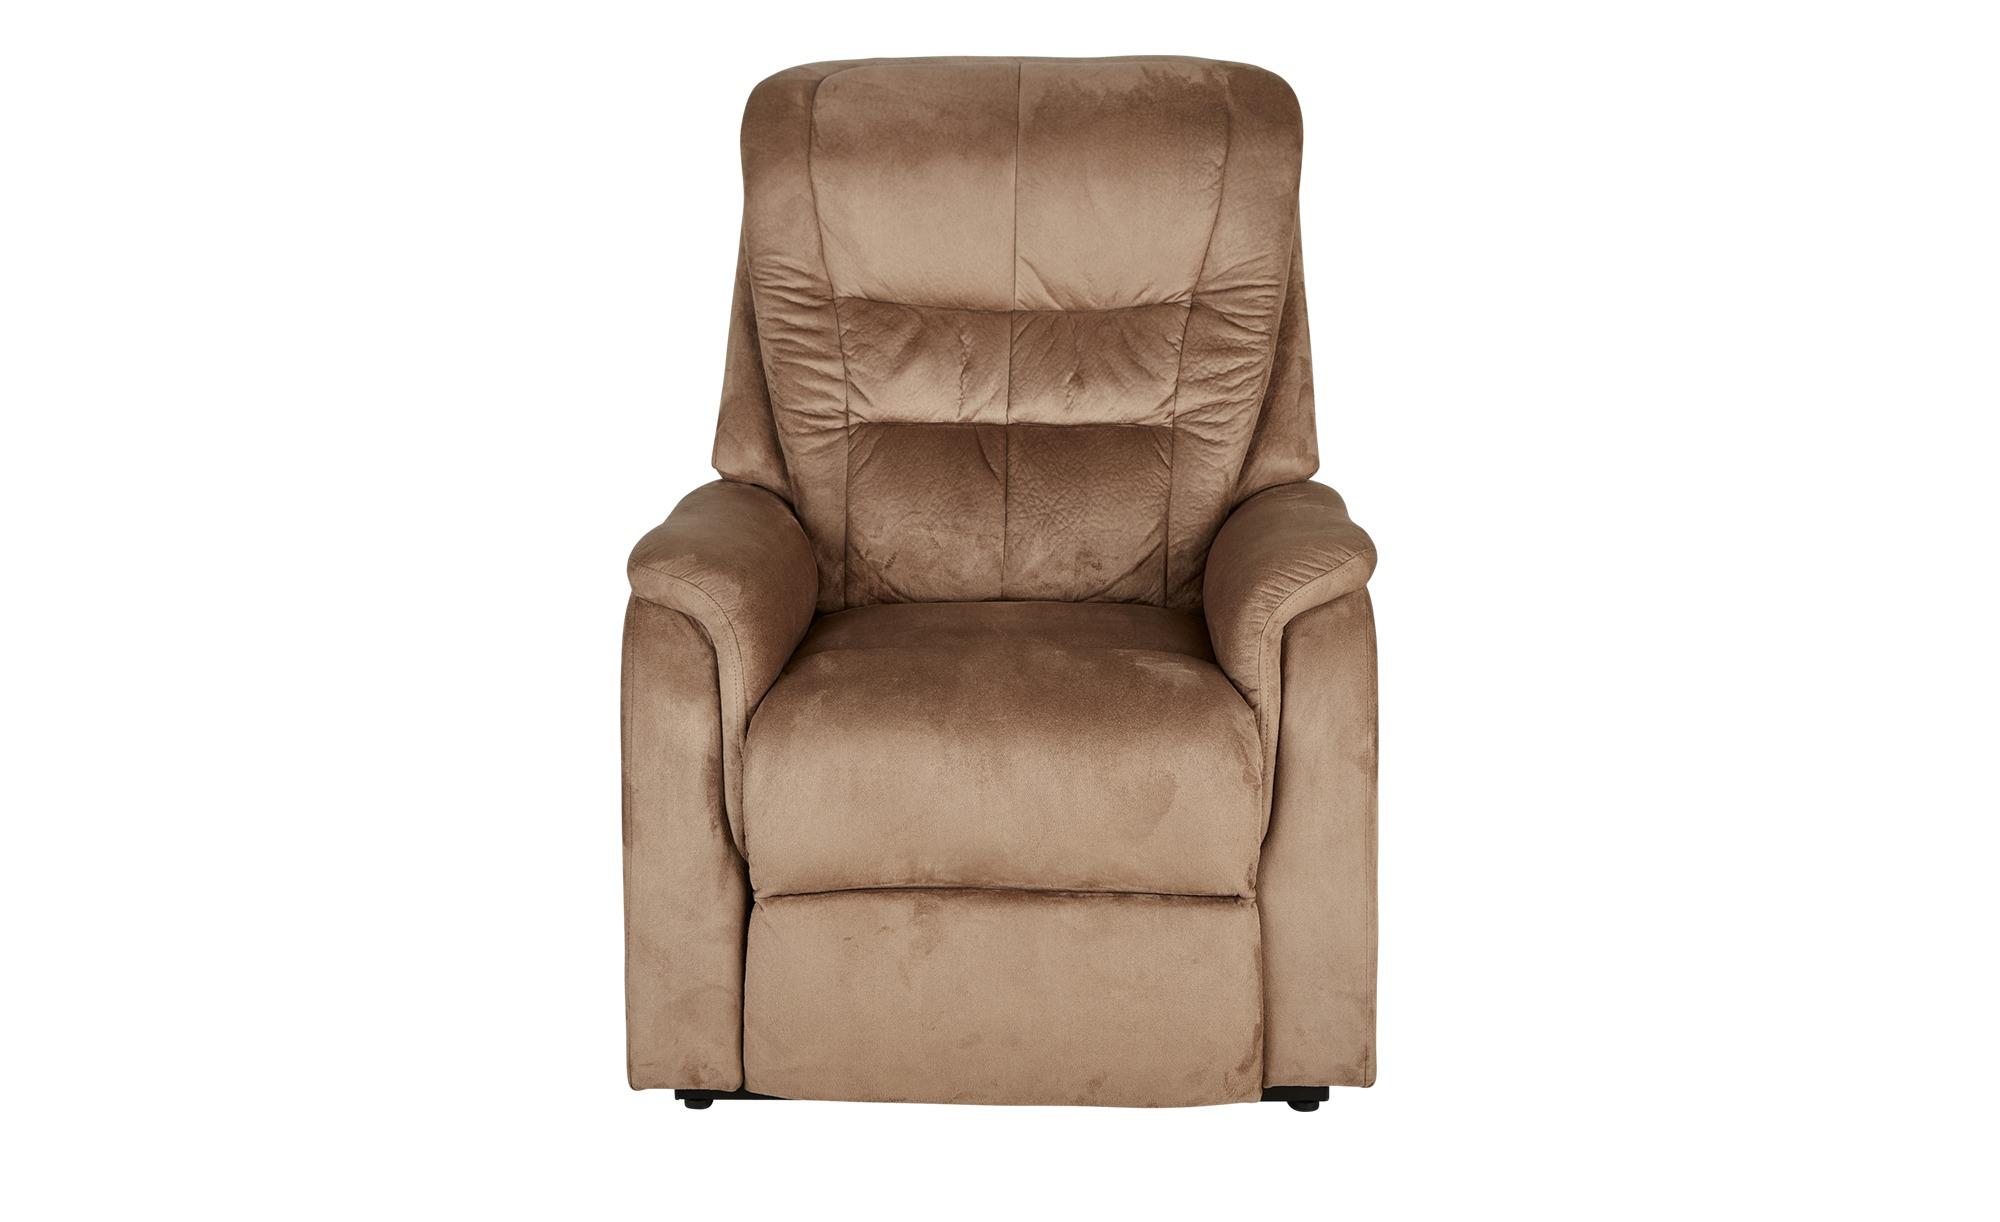 9682c3675027 TV-Sessel braun, gefunden bei Sconto